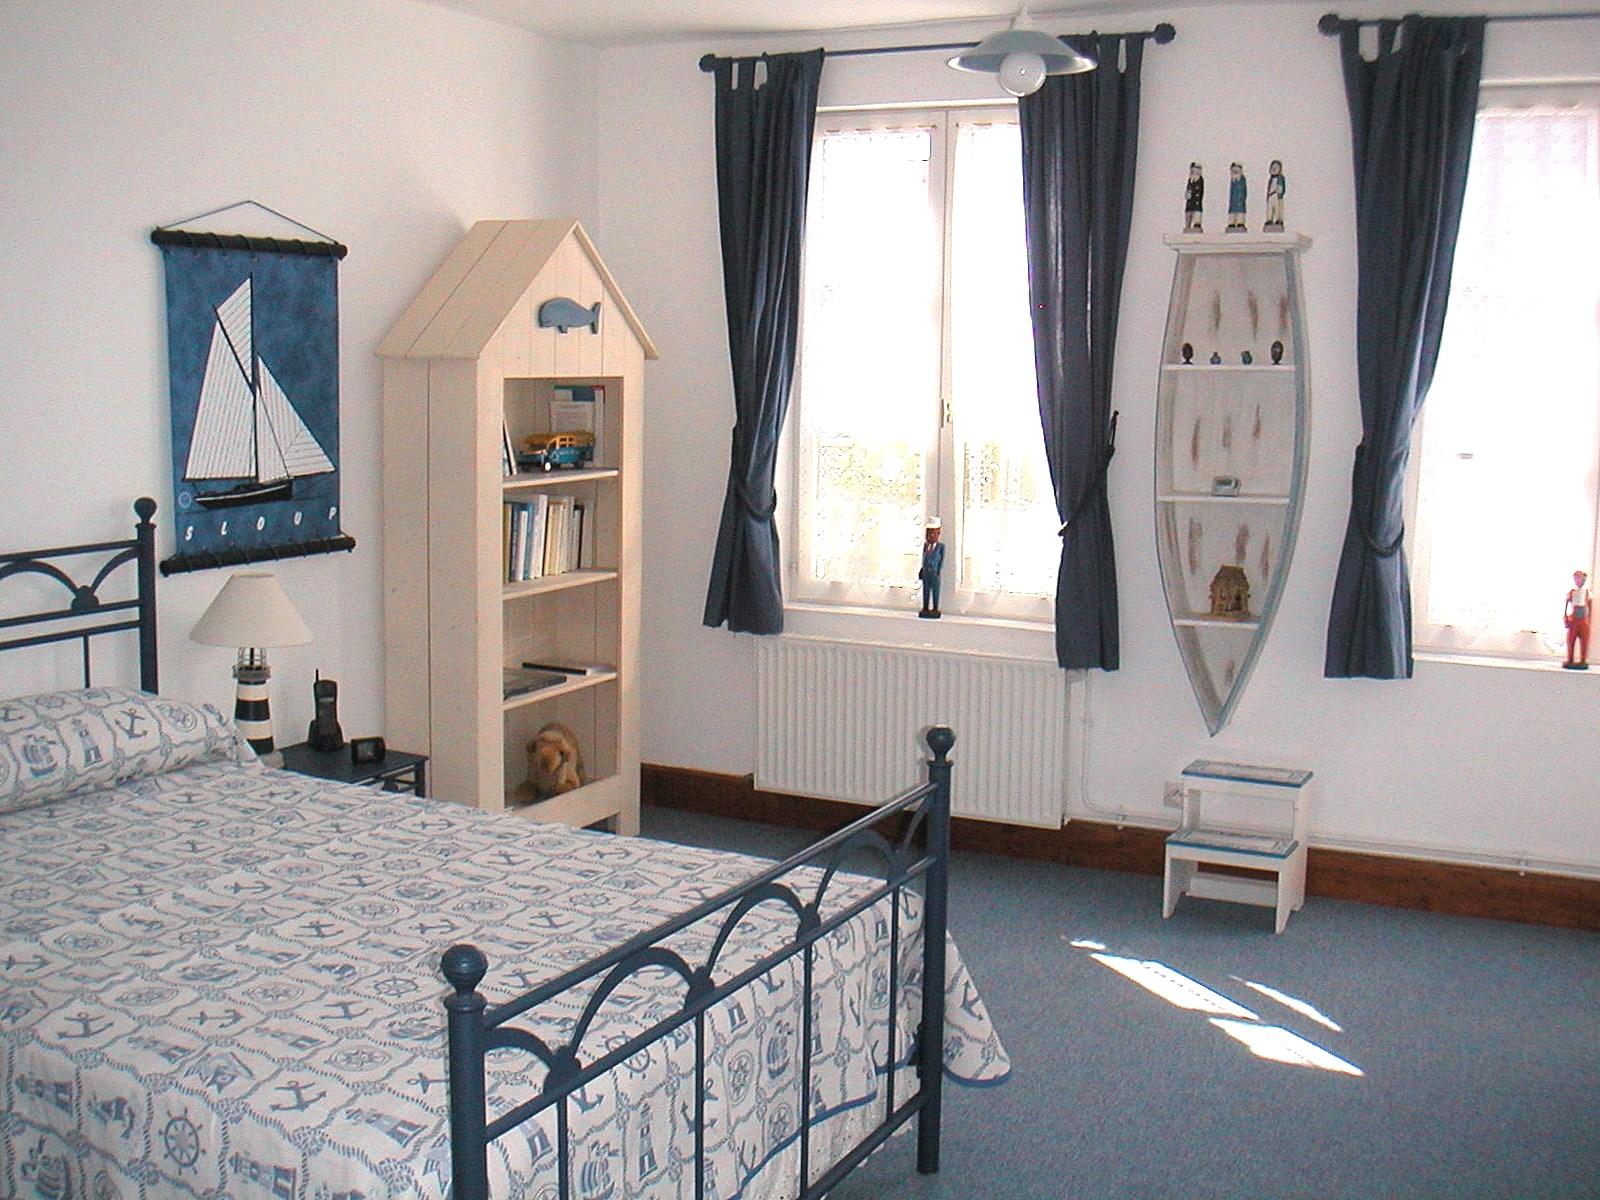 La maison bleue en baie une chambre d 39 hotes dans la - Chambre d hote le crotoy ...